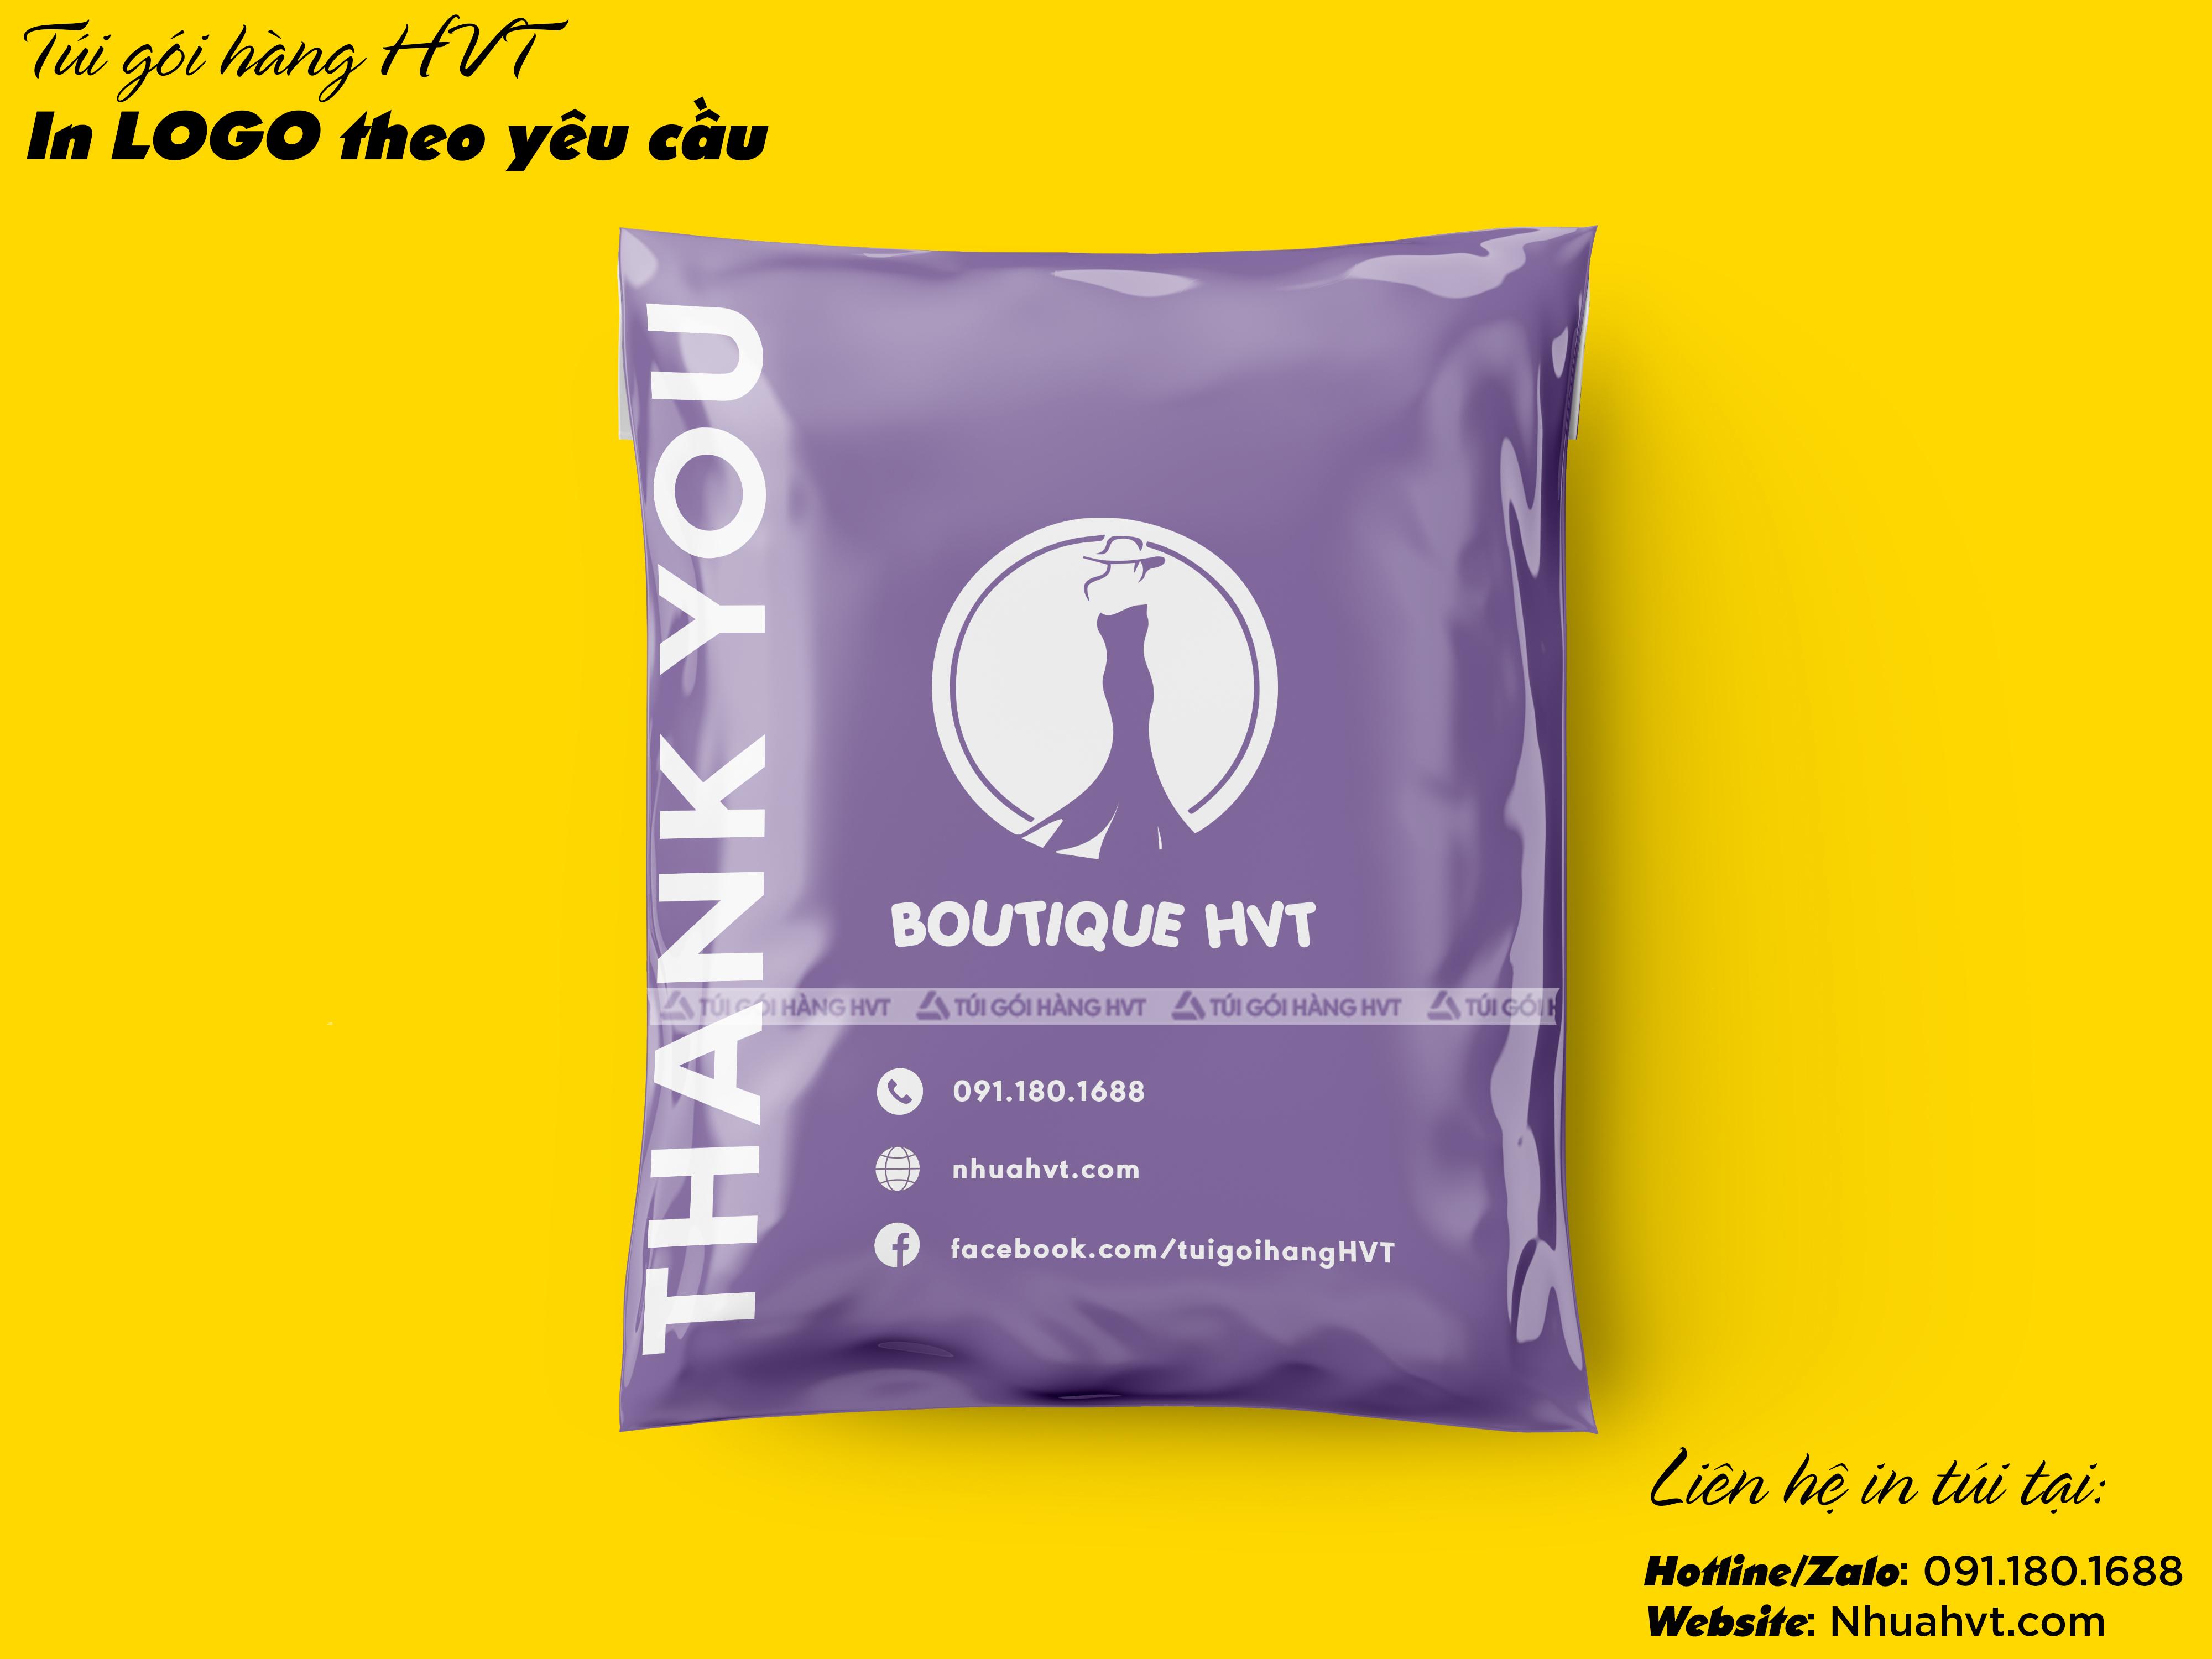 In logo thương hiệu lên túi gói hàng màu tím size 17*30